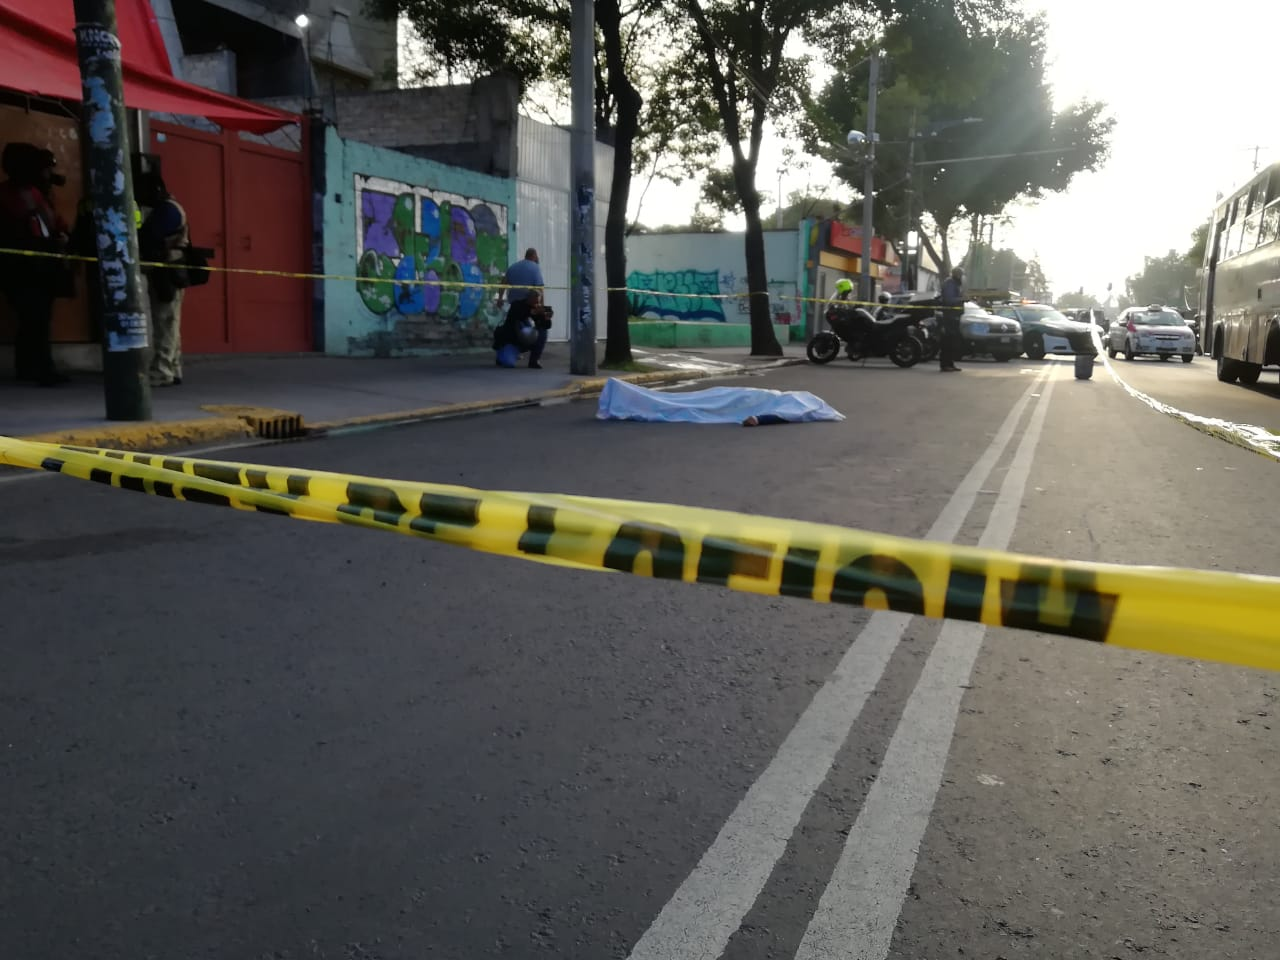 Justiciero anónimo desarma y mata a ratero con su propia pistola en el Barrio San Lucas, de la Alcaldía Iztapalapa